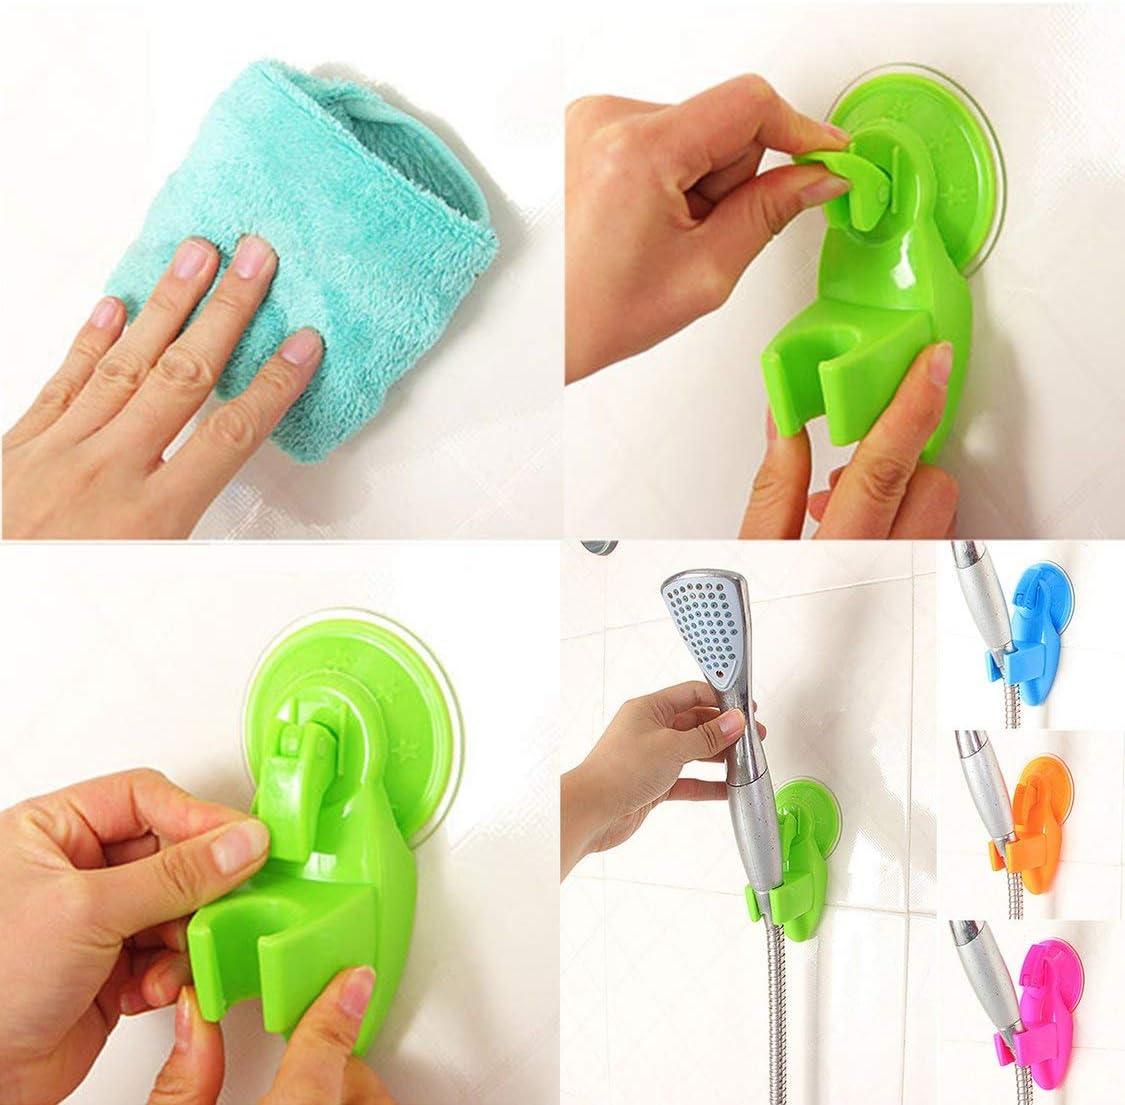 Robusto ventosa per doccia con base di fissaggio Soffione per doccia Staffa per rack Pratico soffione per doccia Accessori per il bagno Verde